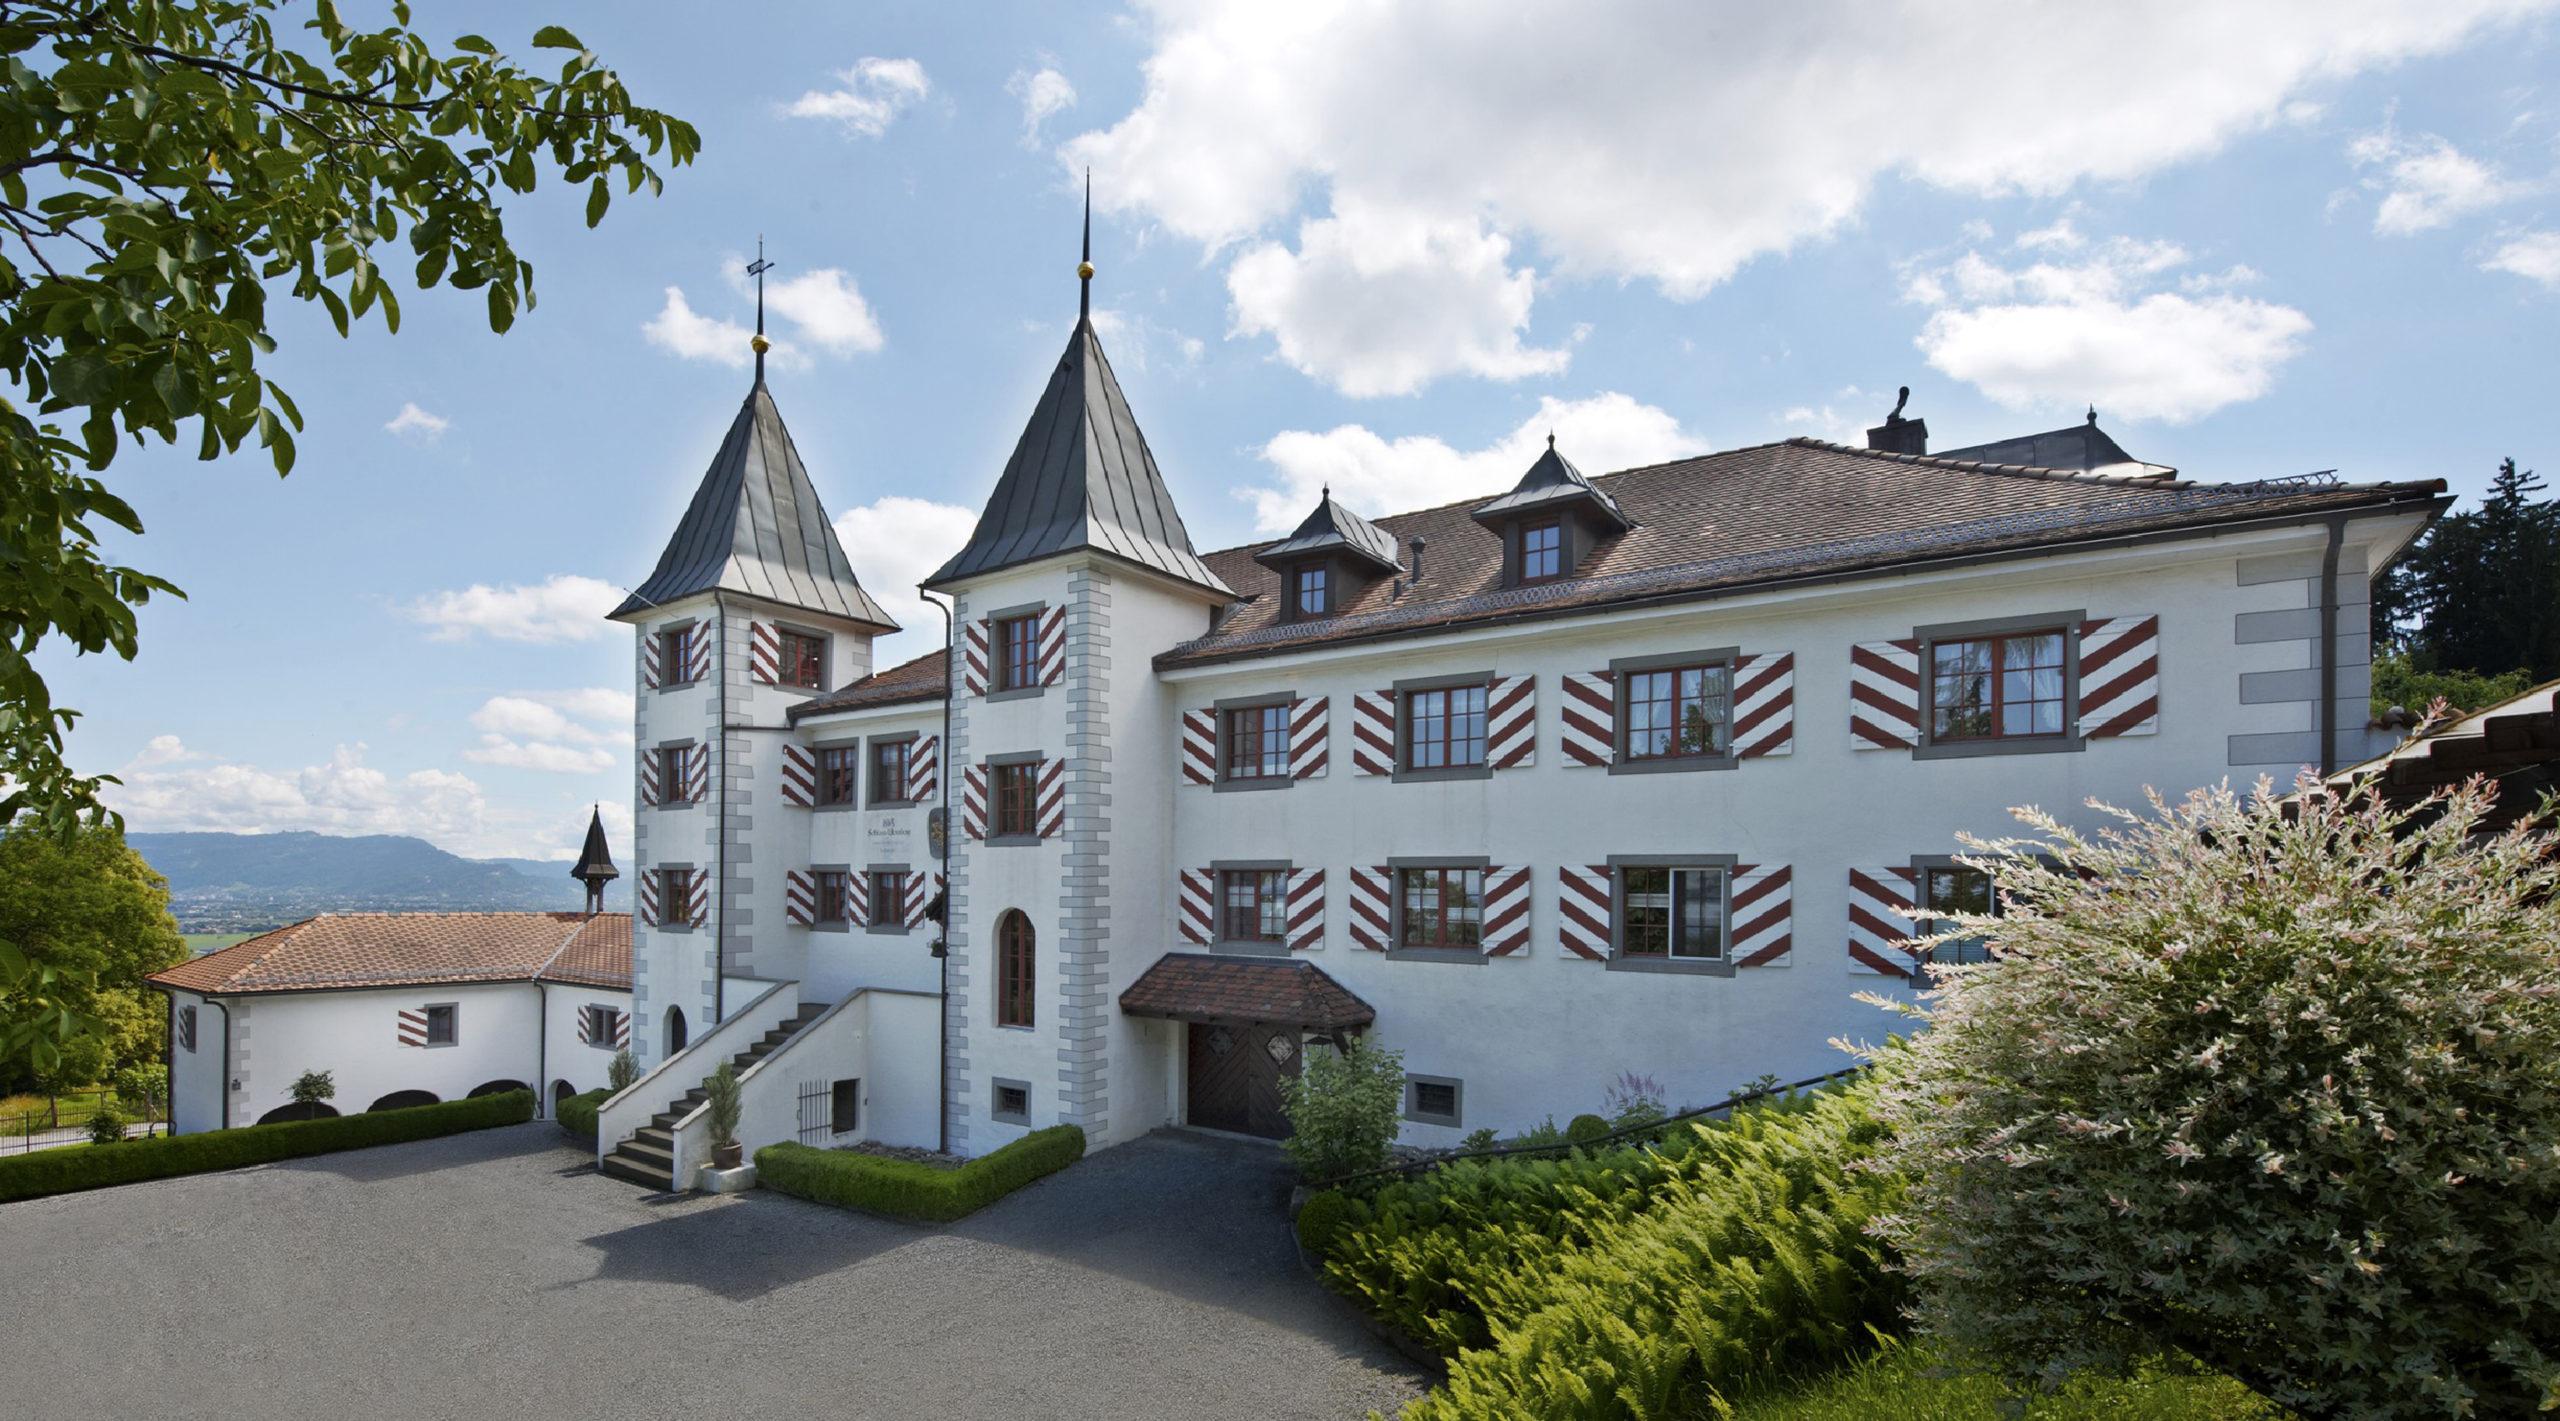 Schlosskellerei Kessler